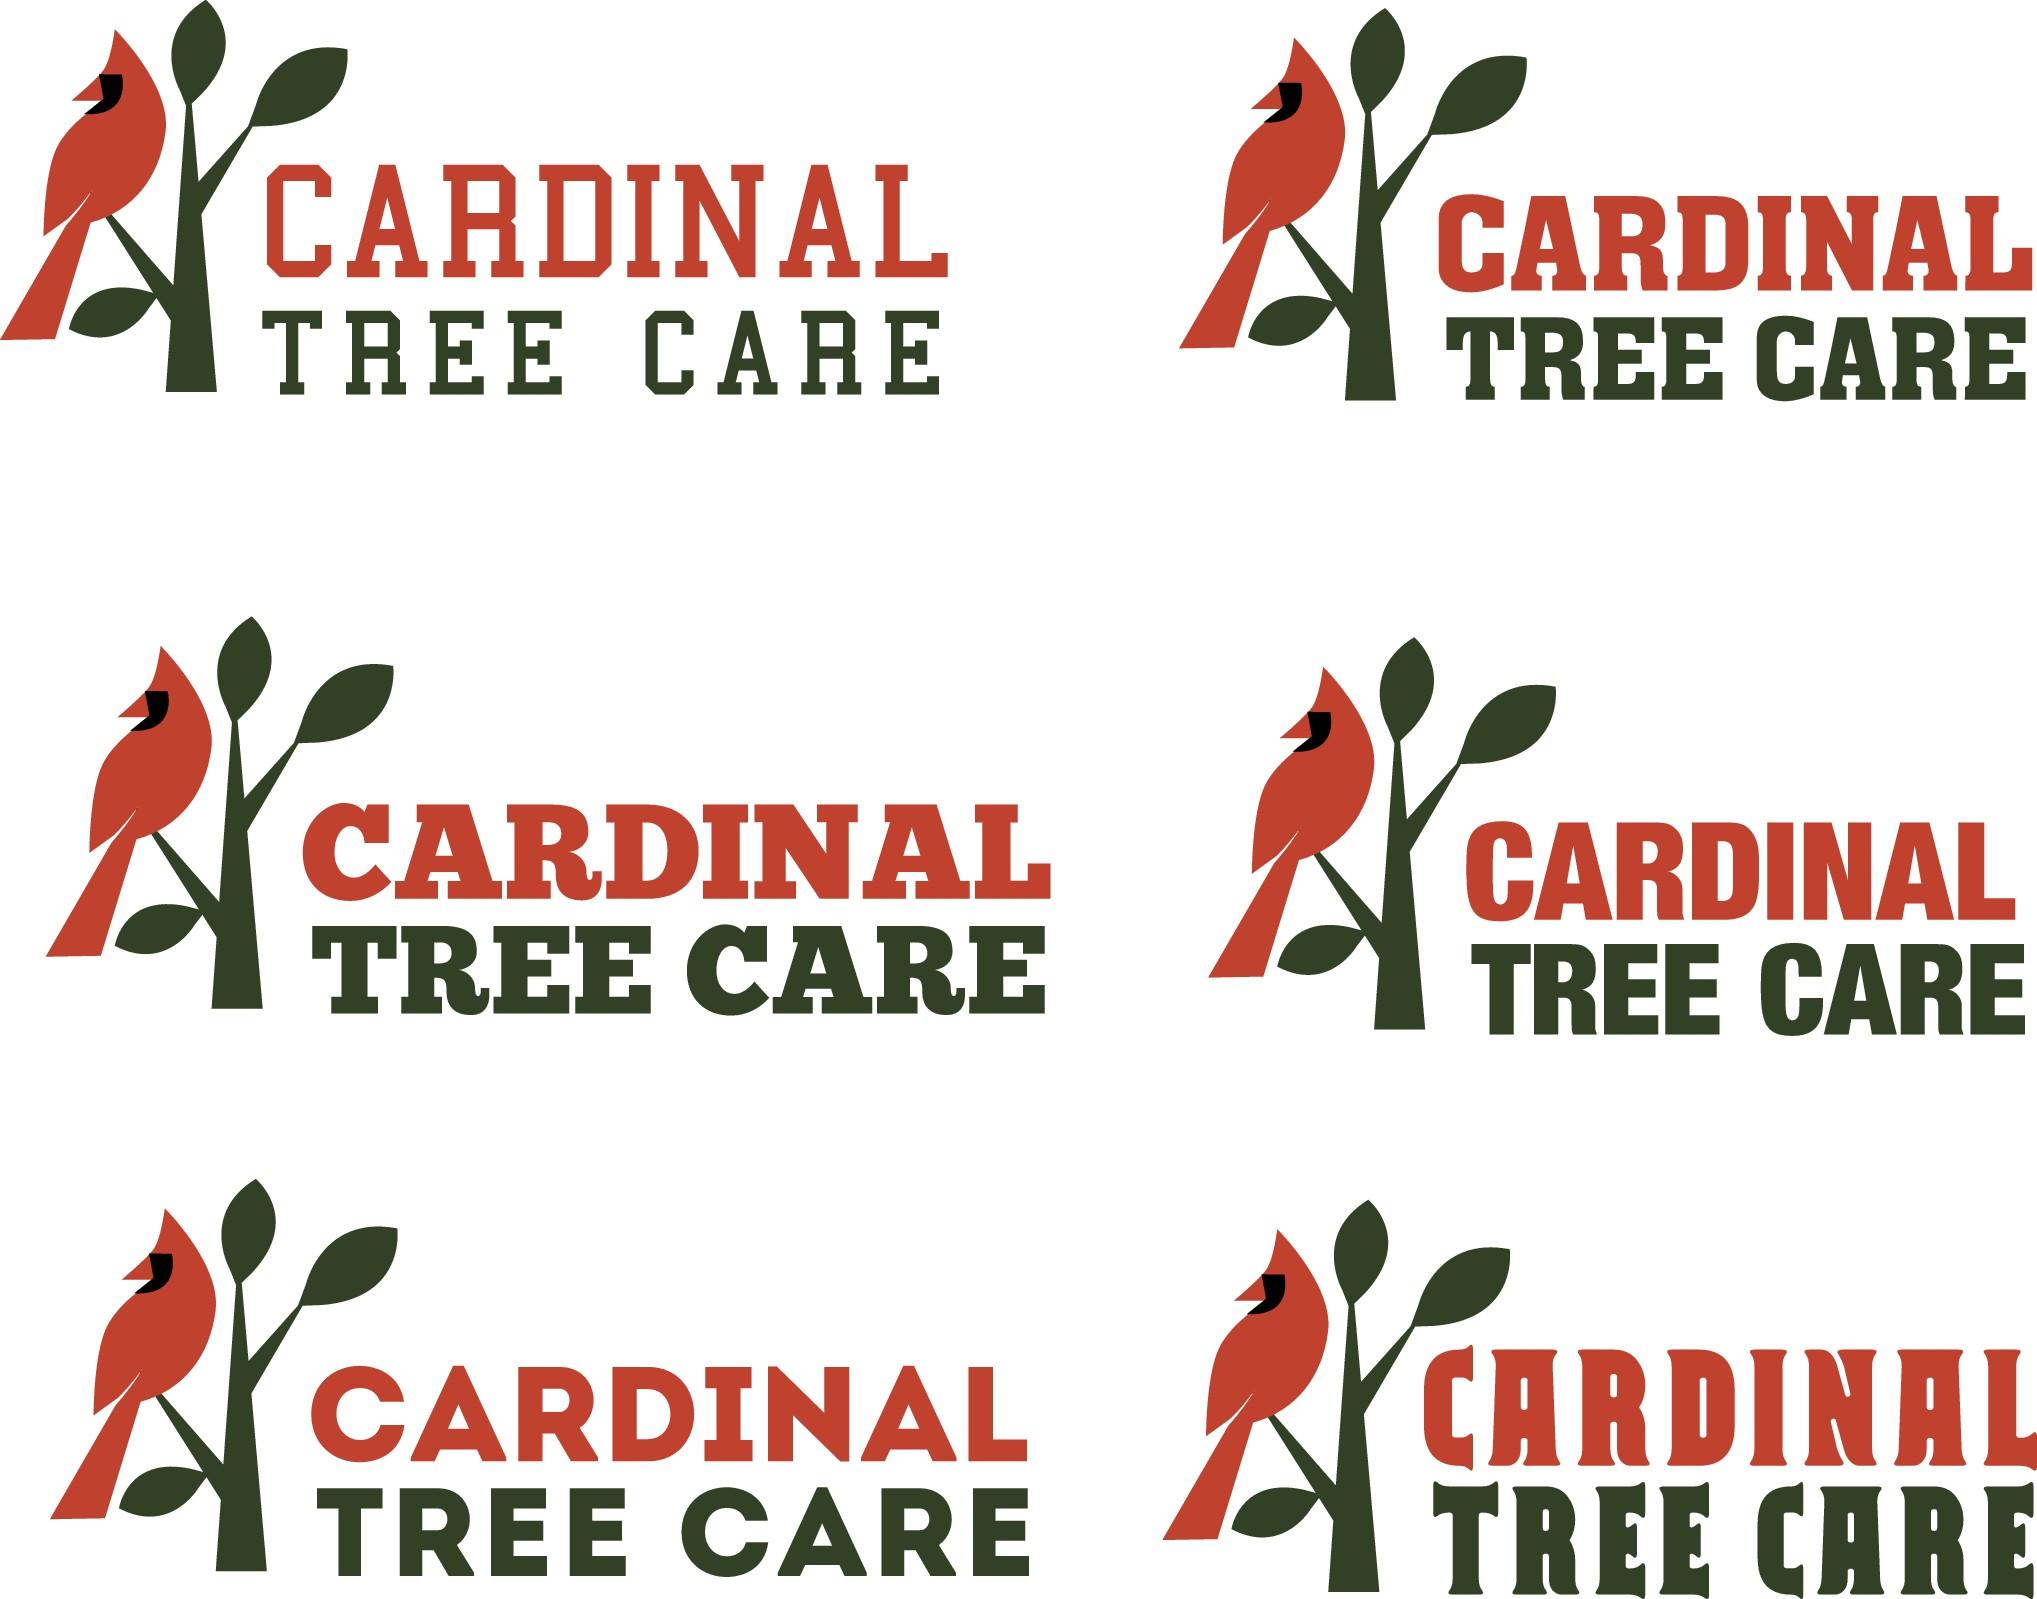 Create a bird inclusive logo for Cardinal Tree Care